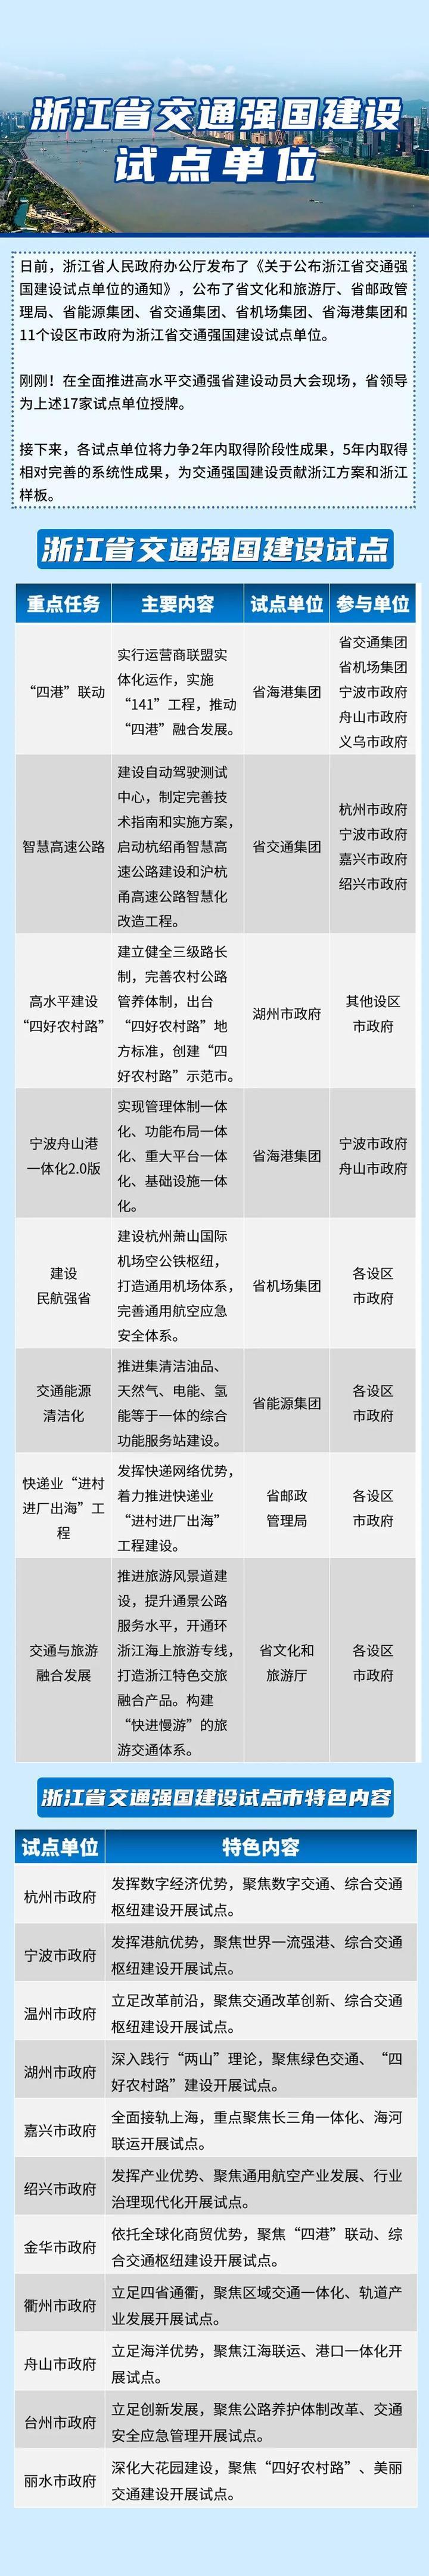 【浙江榜单】浙江省交通强国建设试点单位名单(17家)重点任务